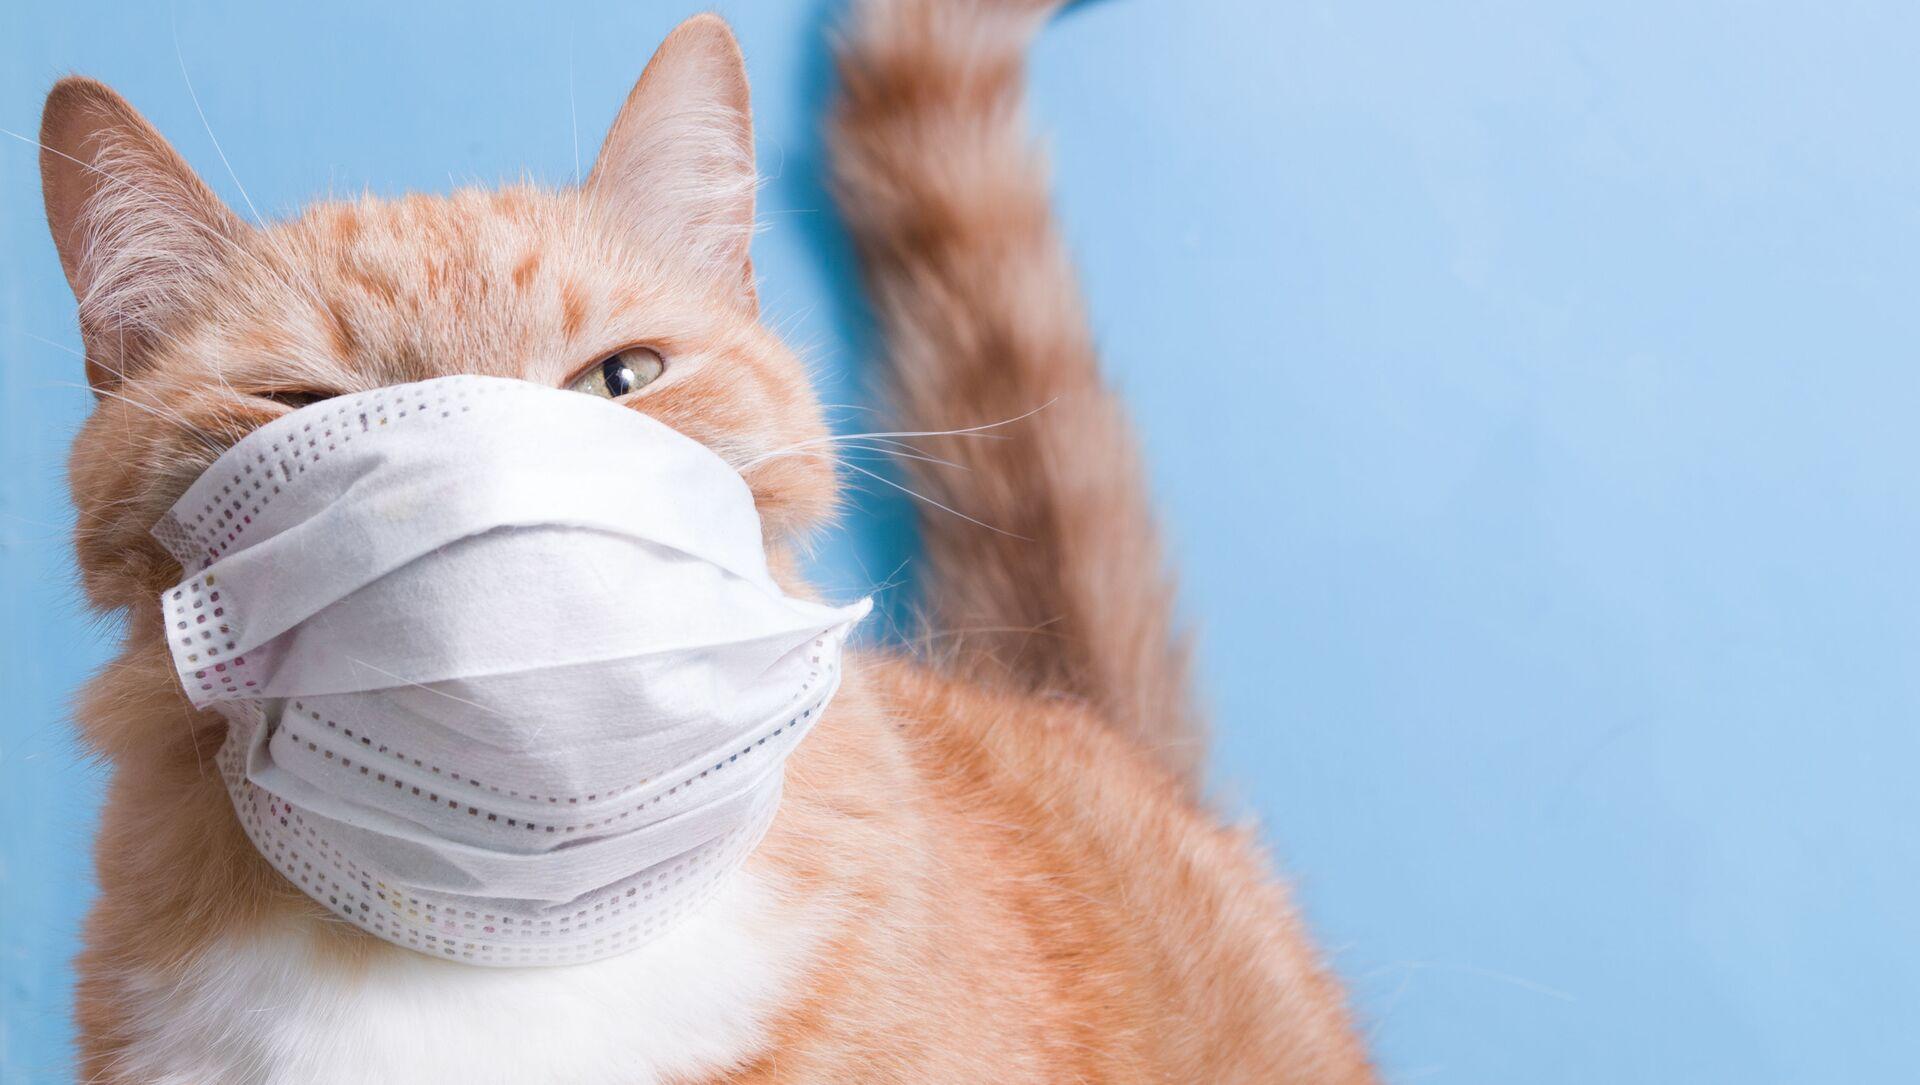 Un gatto in una mascherina protettiva - Sputnik Italia, 1920, 05.04.2021